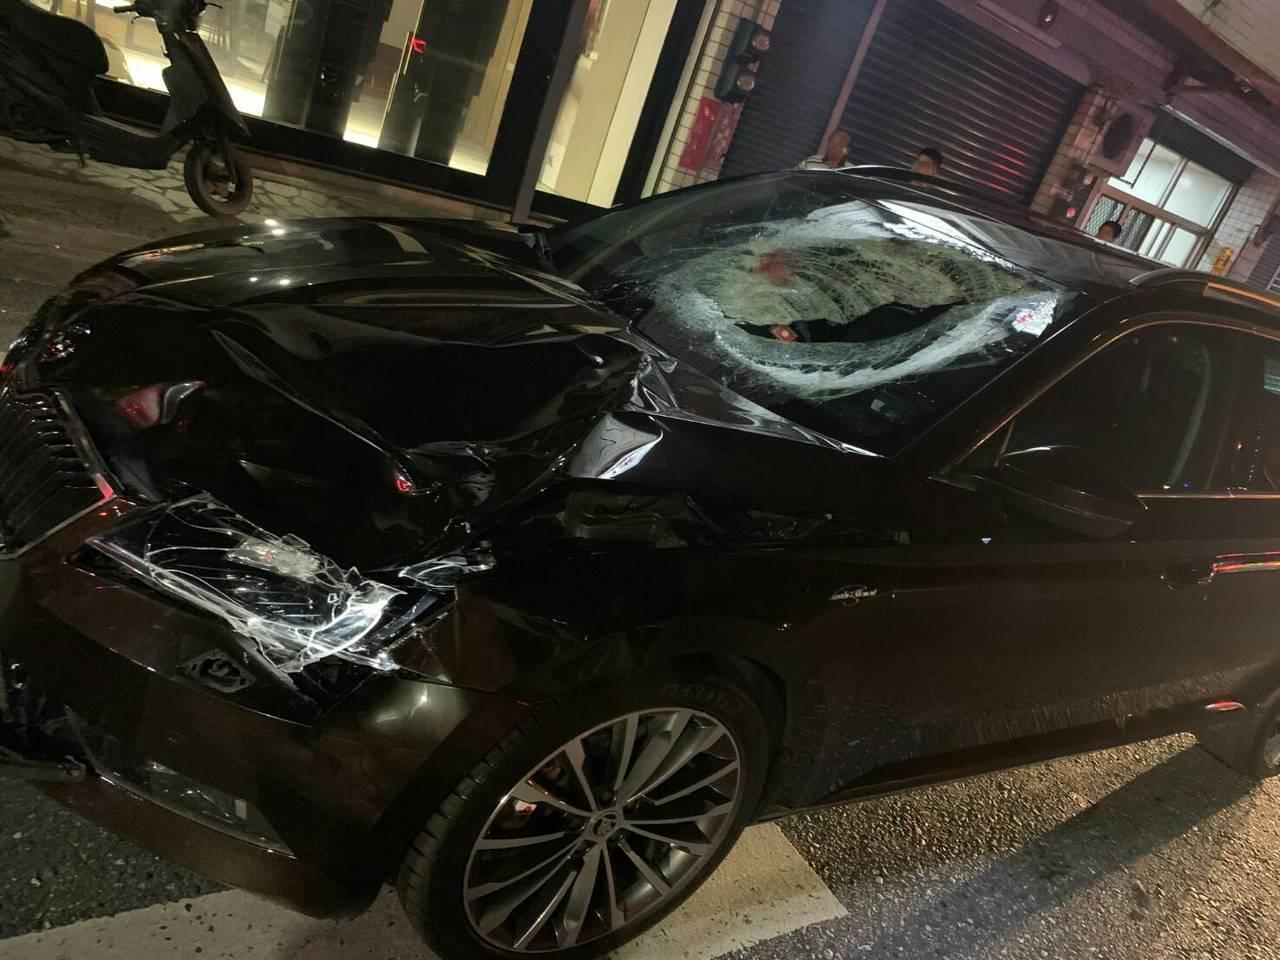 肇事黑色自小客車前擋風玻璃嚴重碎裂,引擎蓋凹陷。圖/吉安警分局提供